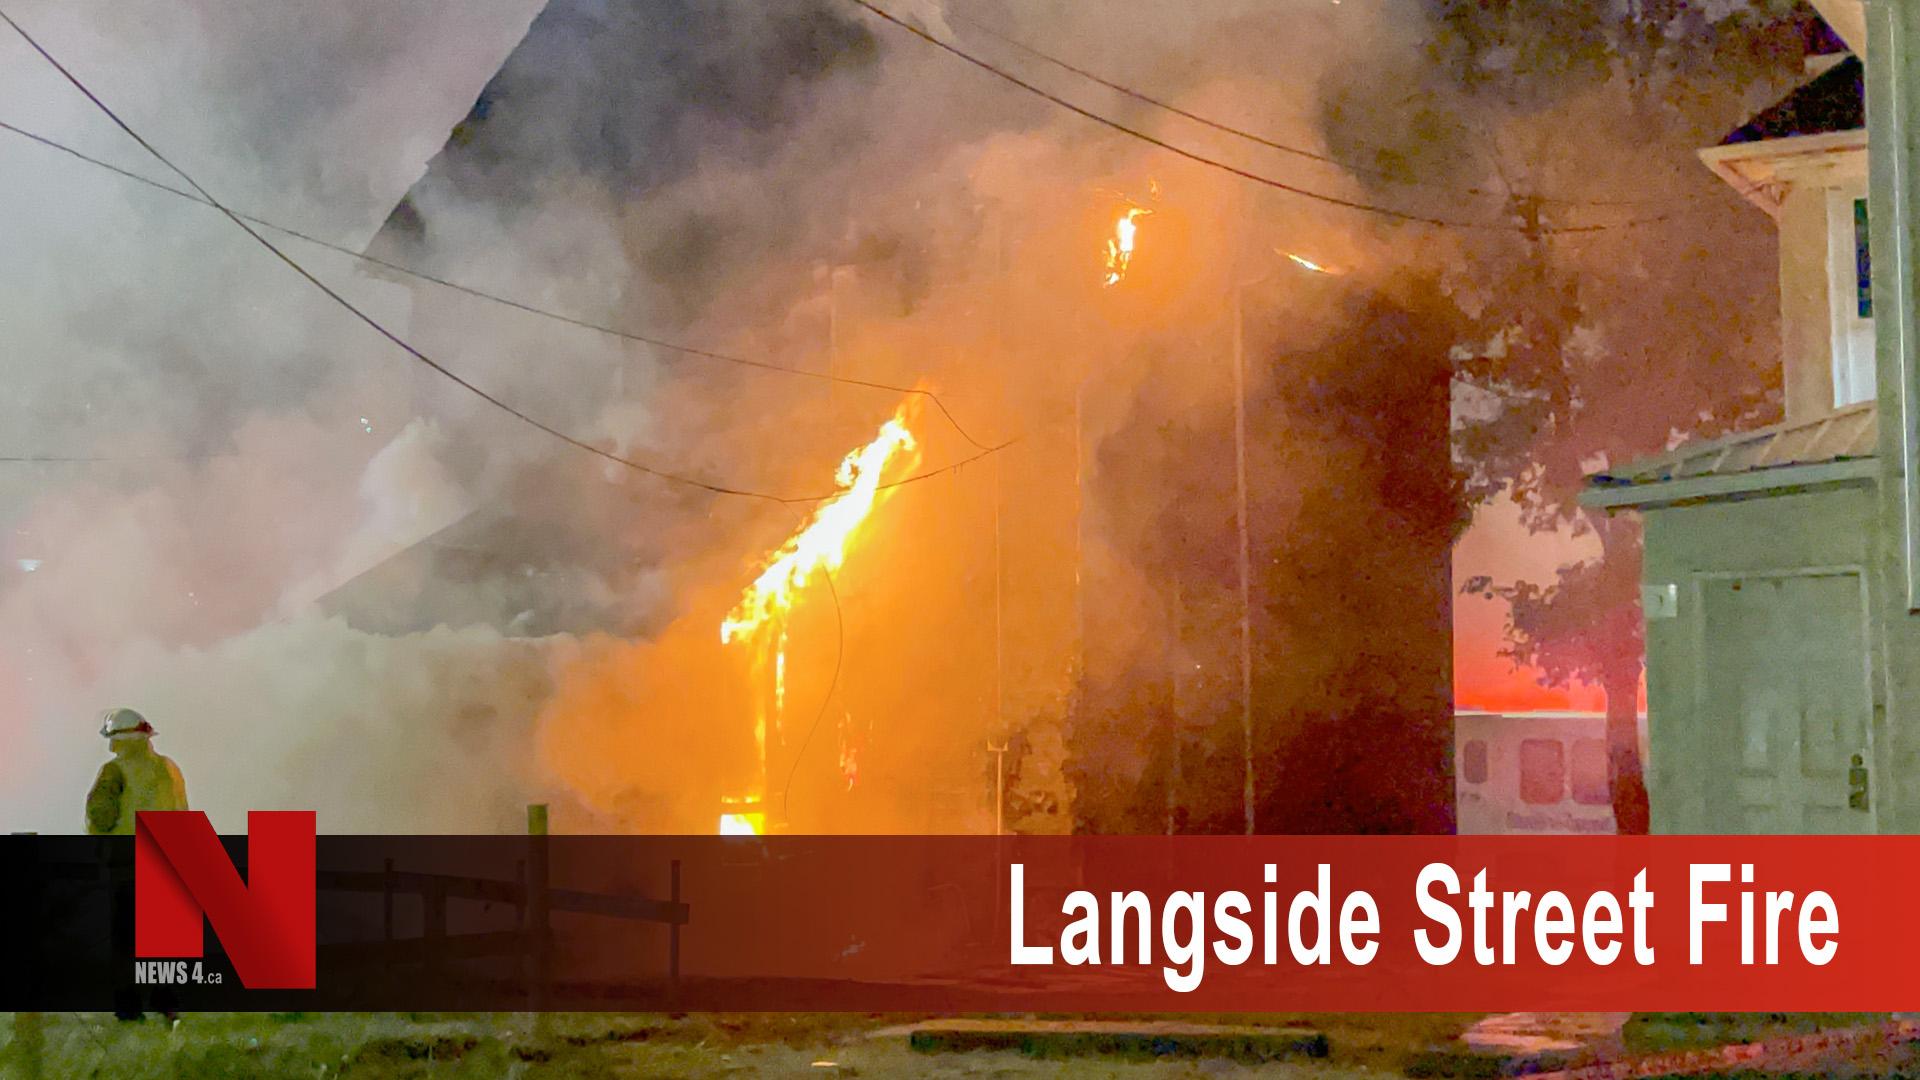 Langside Street Fire